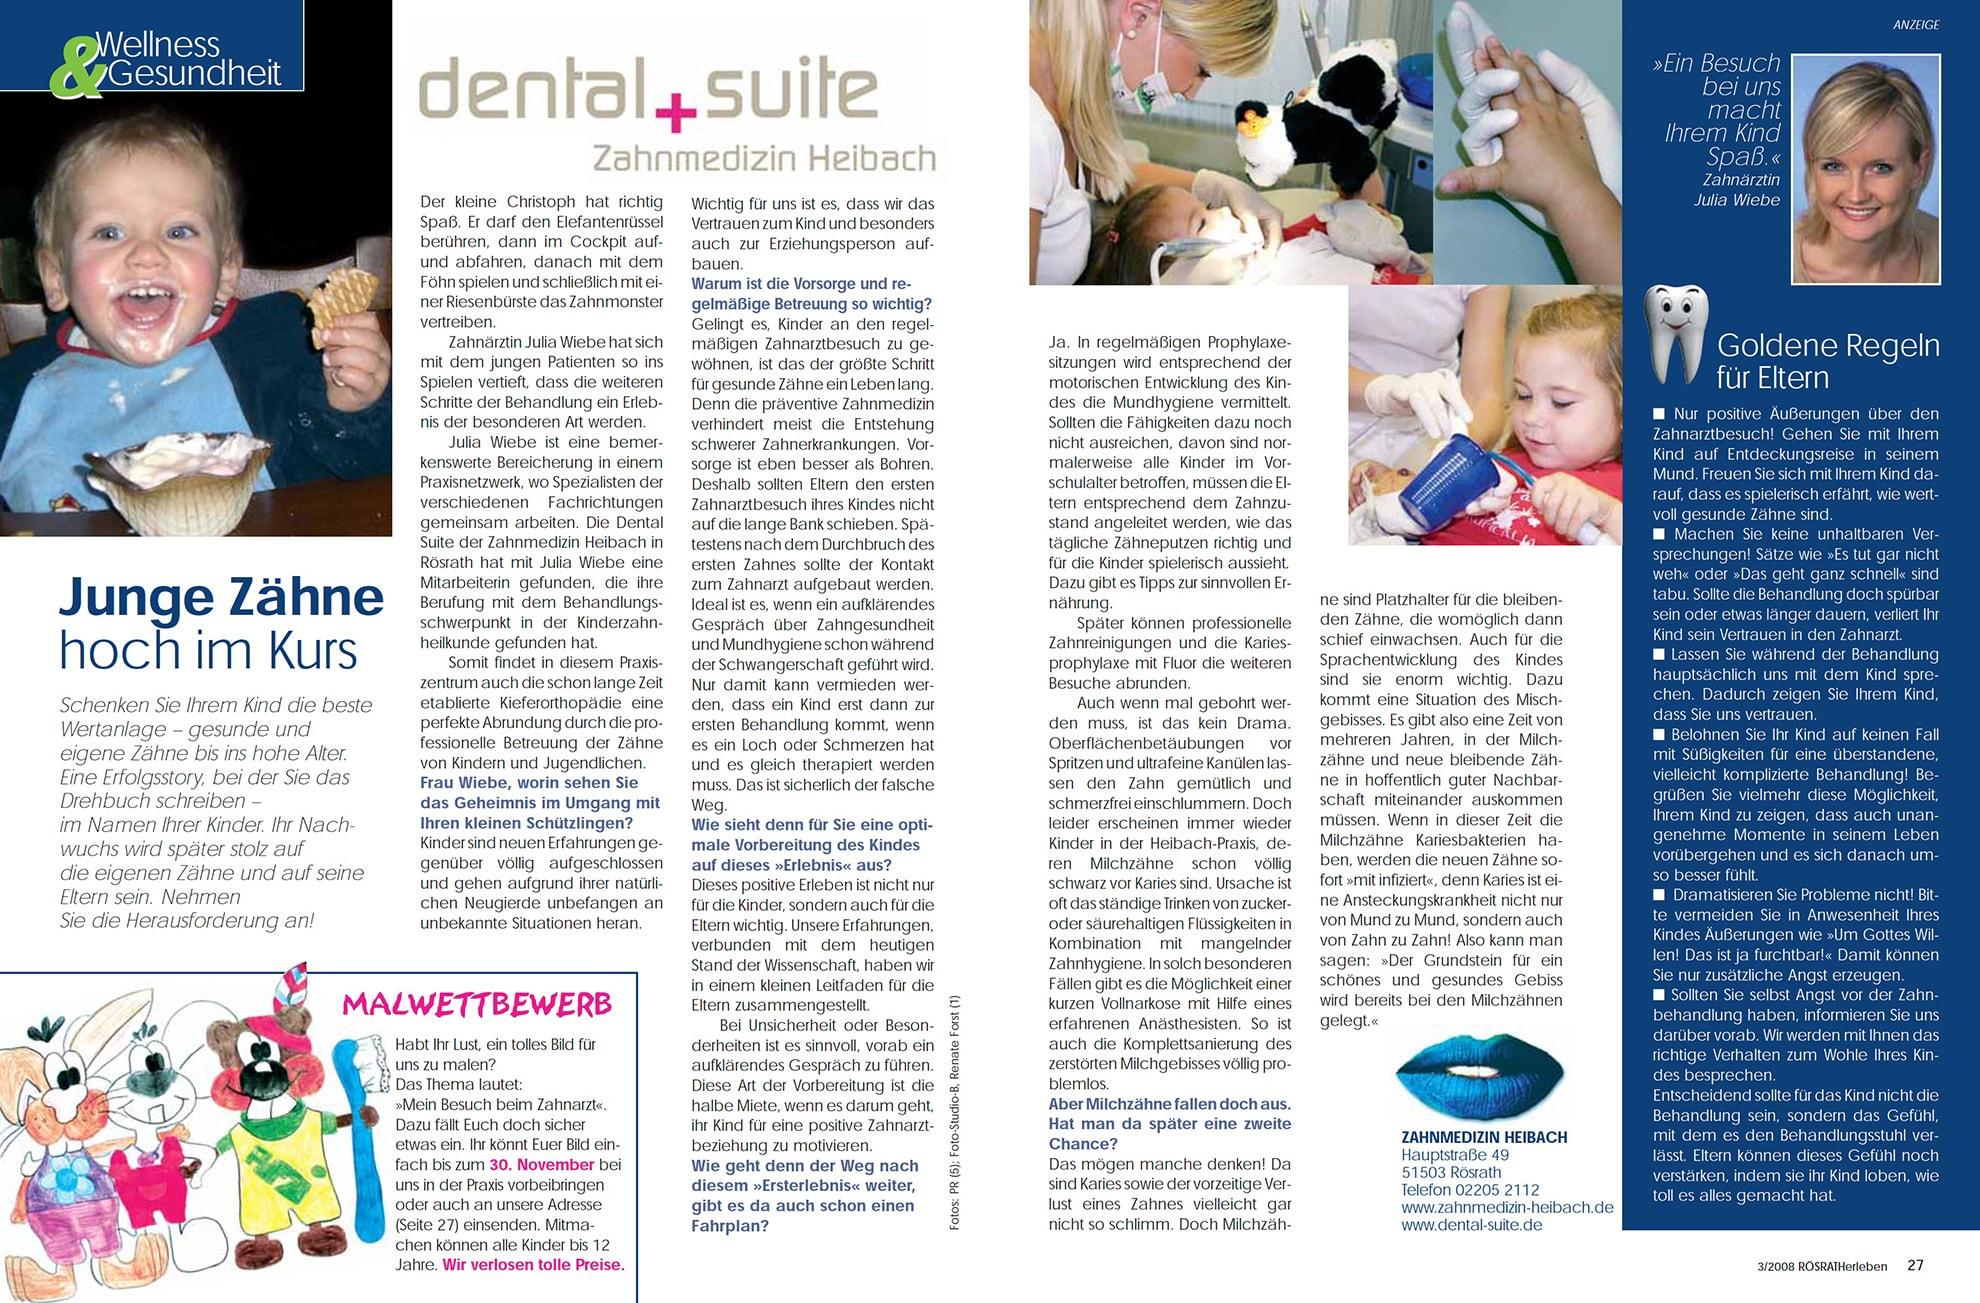 Z-MVZ dental suite - Pressemitteilung: Junge Zähne hoch im Kurs